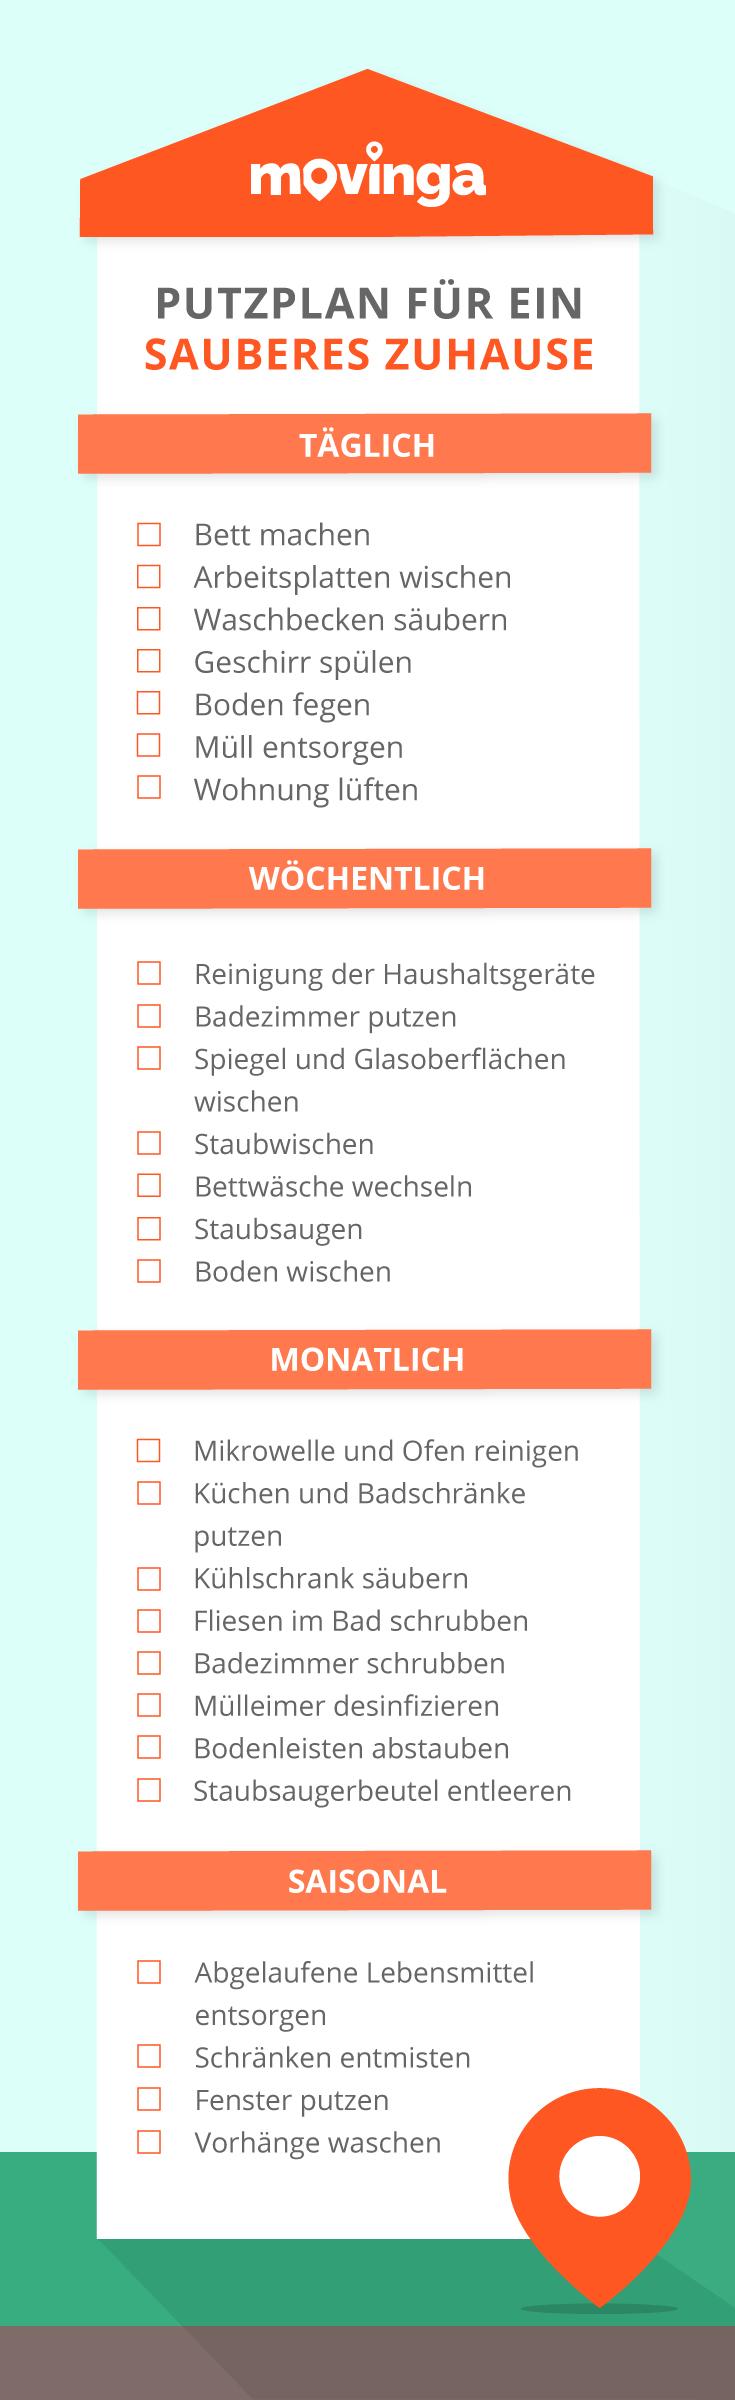 Movingas praktischer #Putzplan für ein sauberes Zuhause #infografik